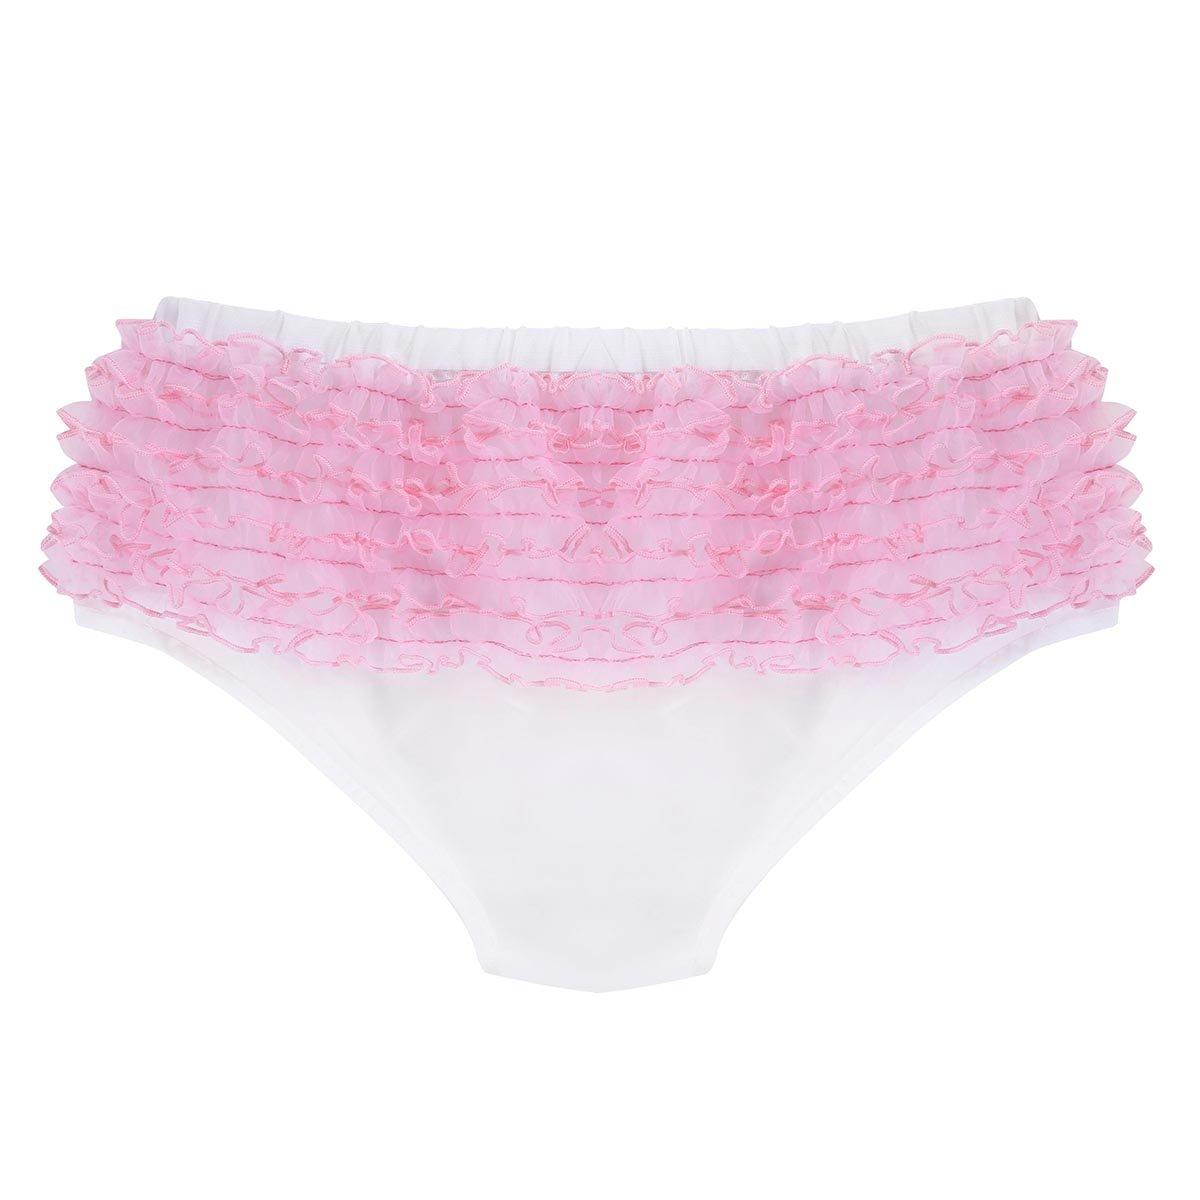 TiaoBug Herren Slip Sissy H/öschen Panties Satin String Tanga Thong M/änner Bikini Brief Unterw/äsche Geraffte Unterhose mit Strumpfhalter M-XXL